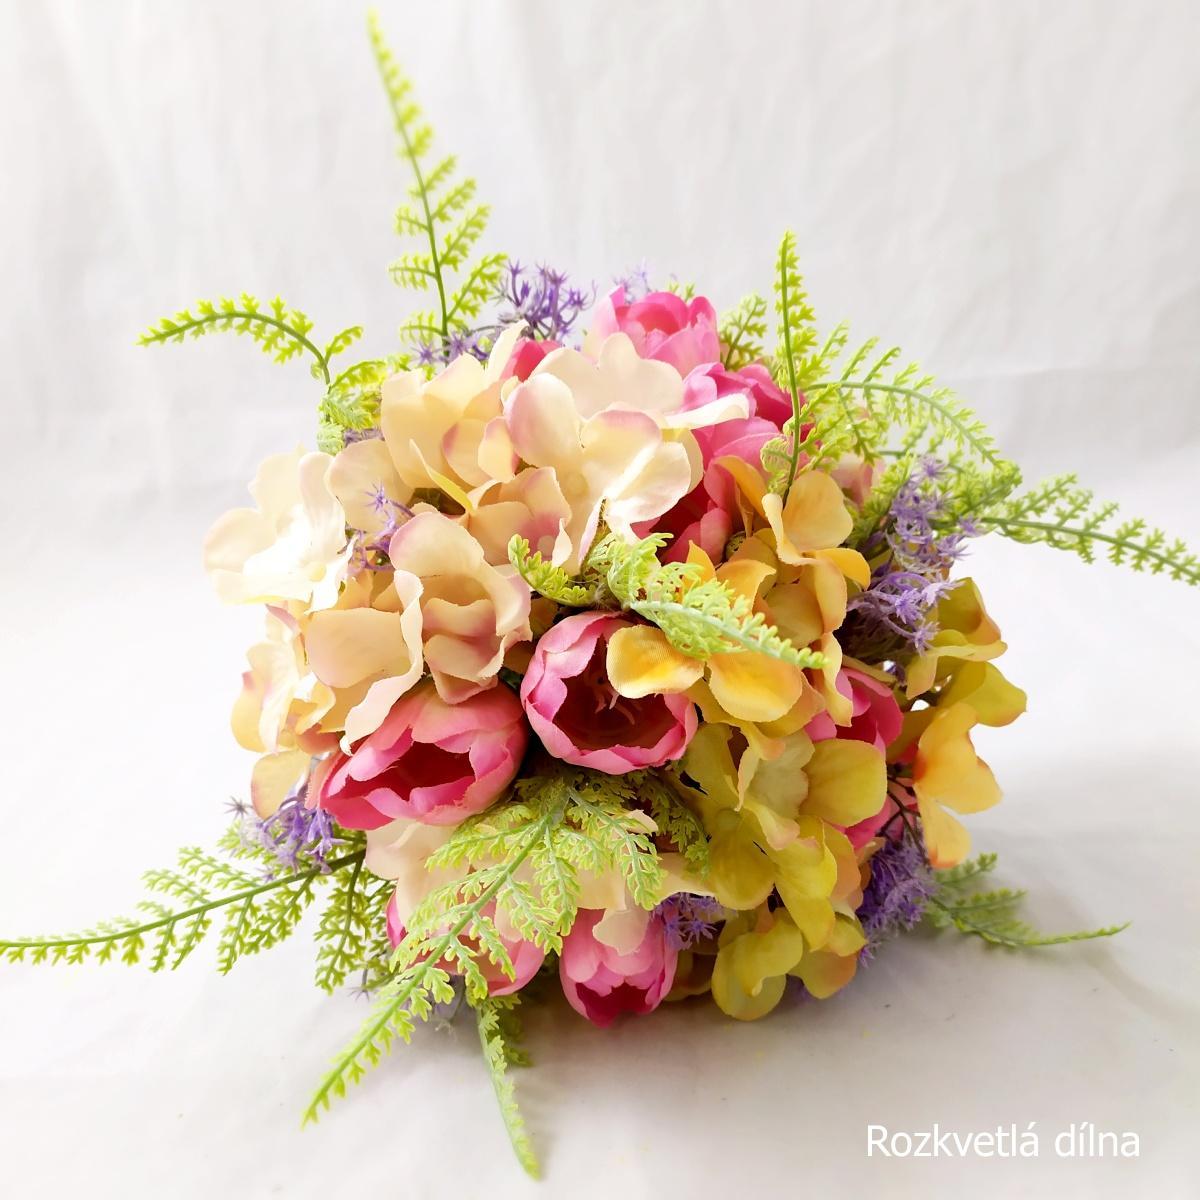 Látkové květiny z Rozkvetlé dílny - Obrázek č. 5